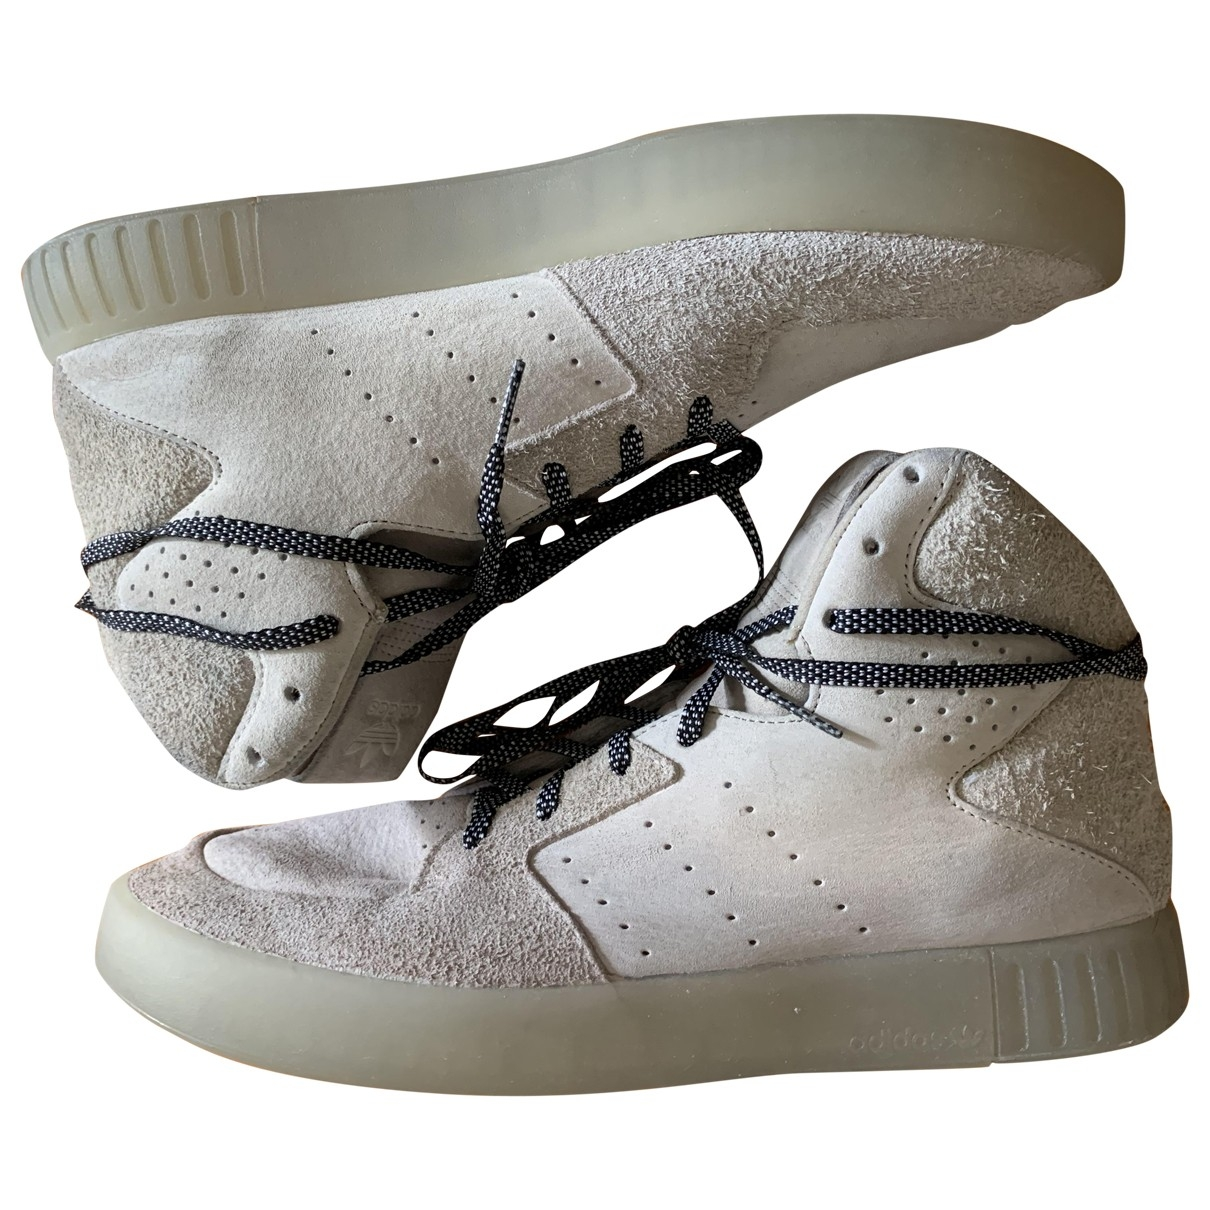 Adidas - Baskets Tubular pour homme en suede - beige